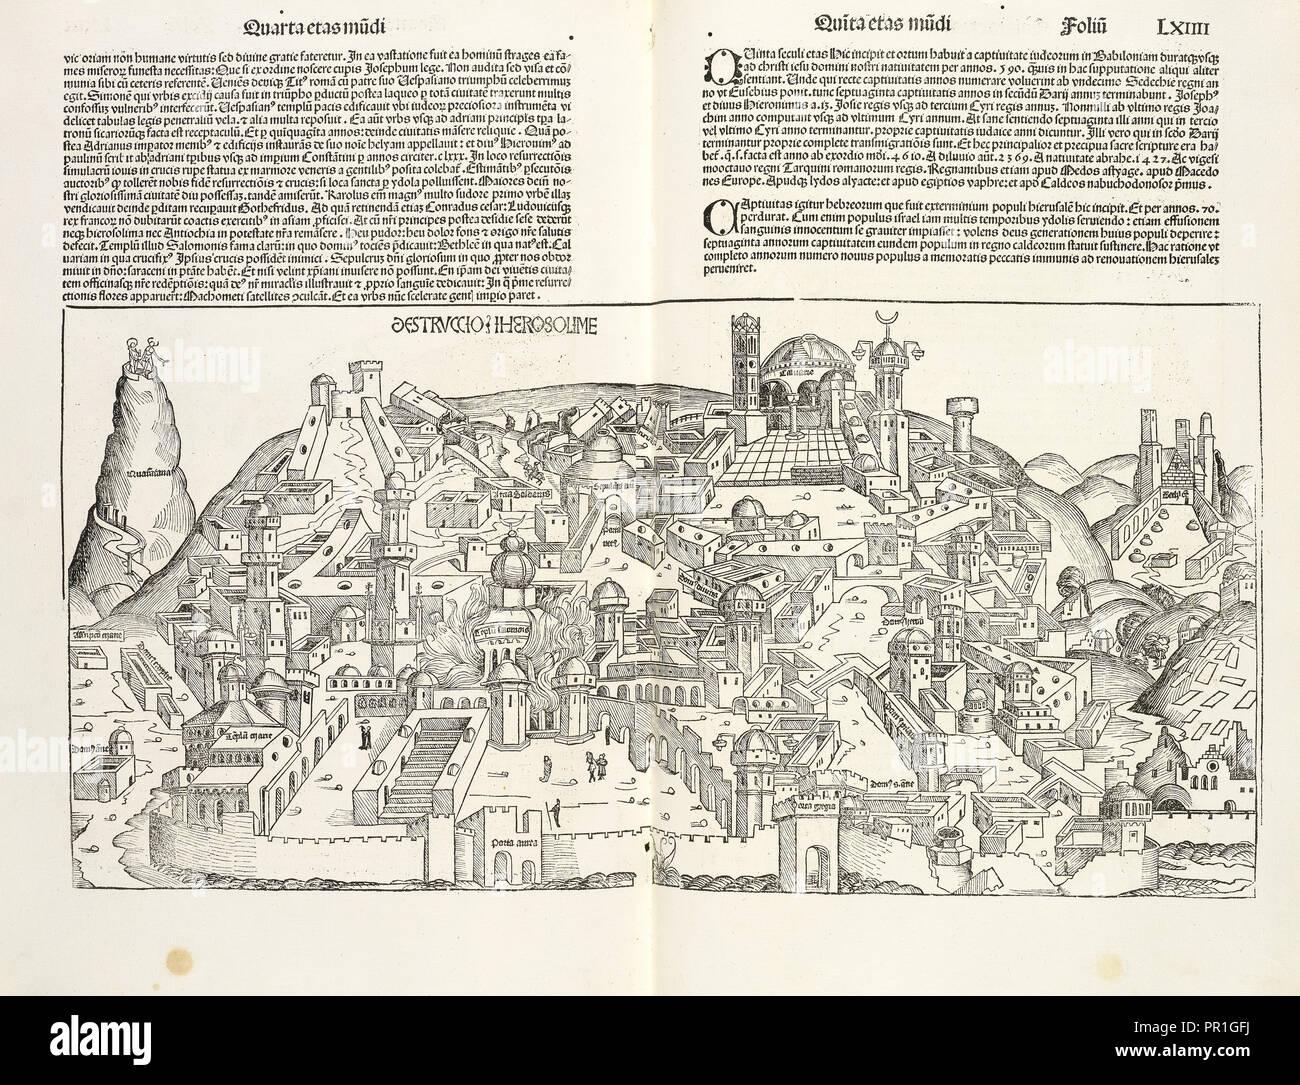 Destruccio Iherosolime, Registrum huius operis libri cronicarum cu, m, figuris et ymagi, nibus ab inicio mundi, Pleydenwurff - Stock Image